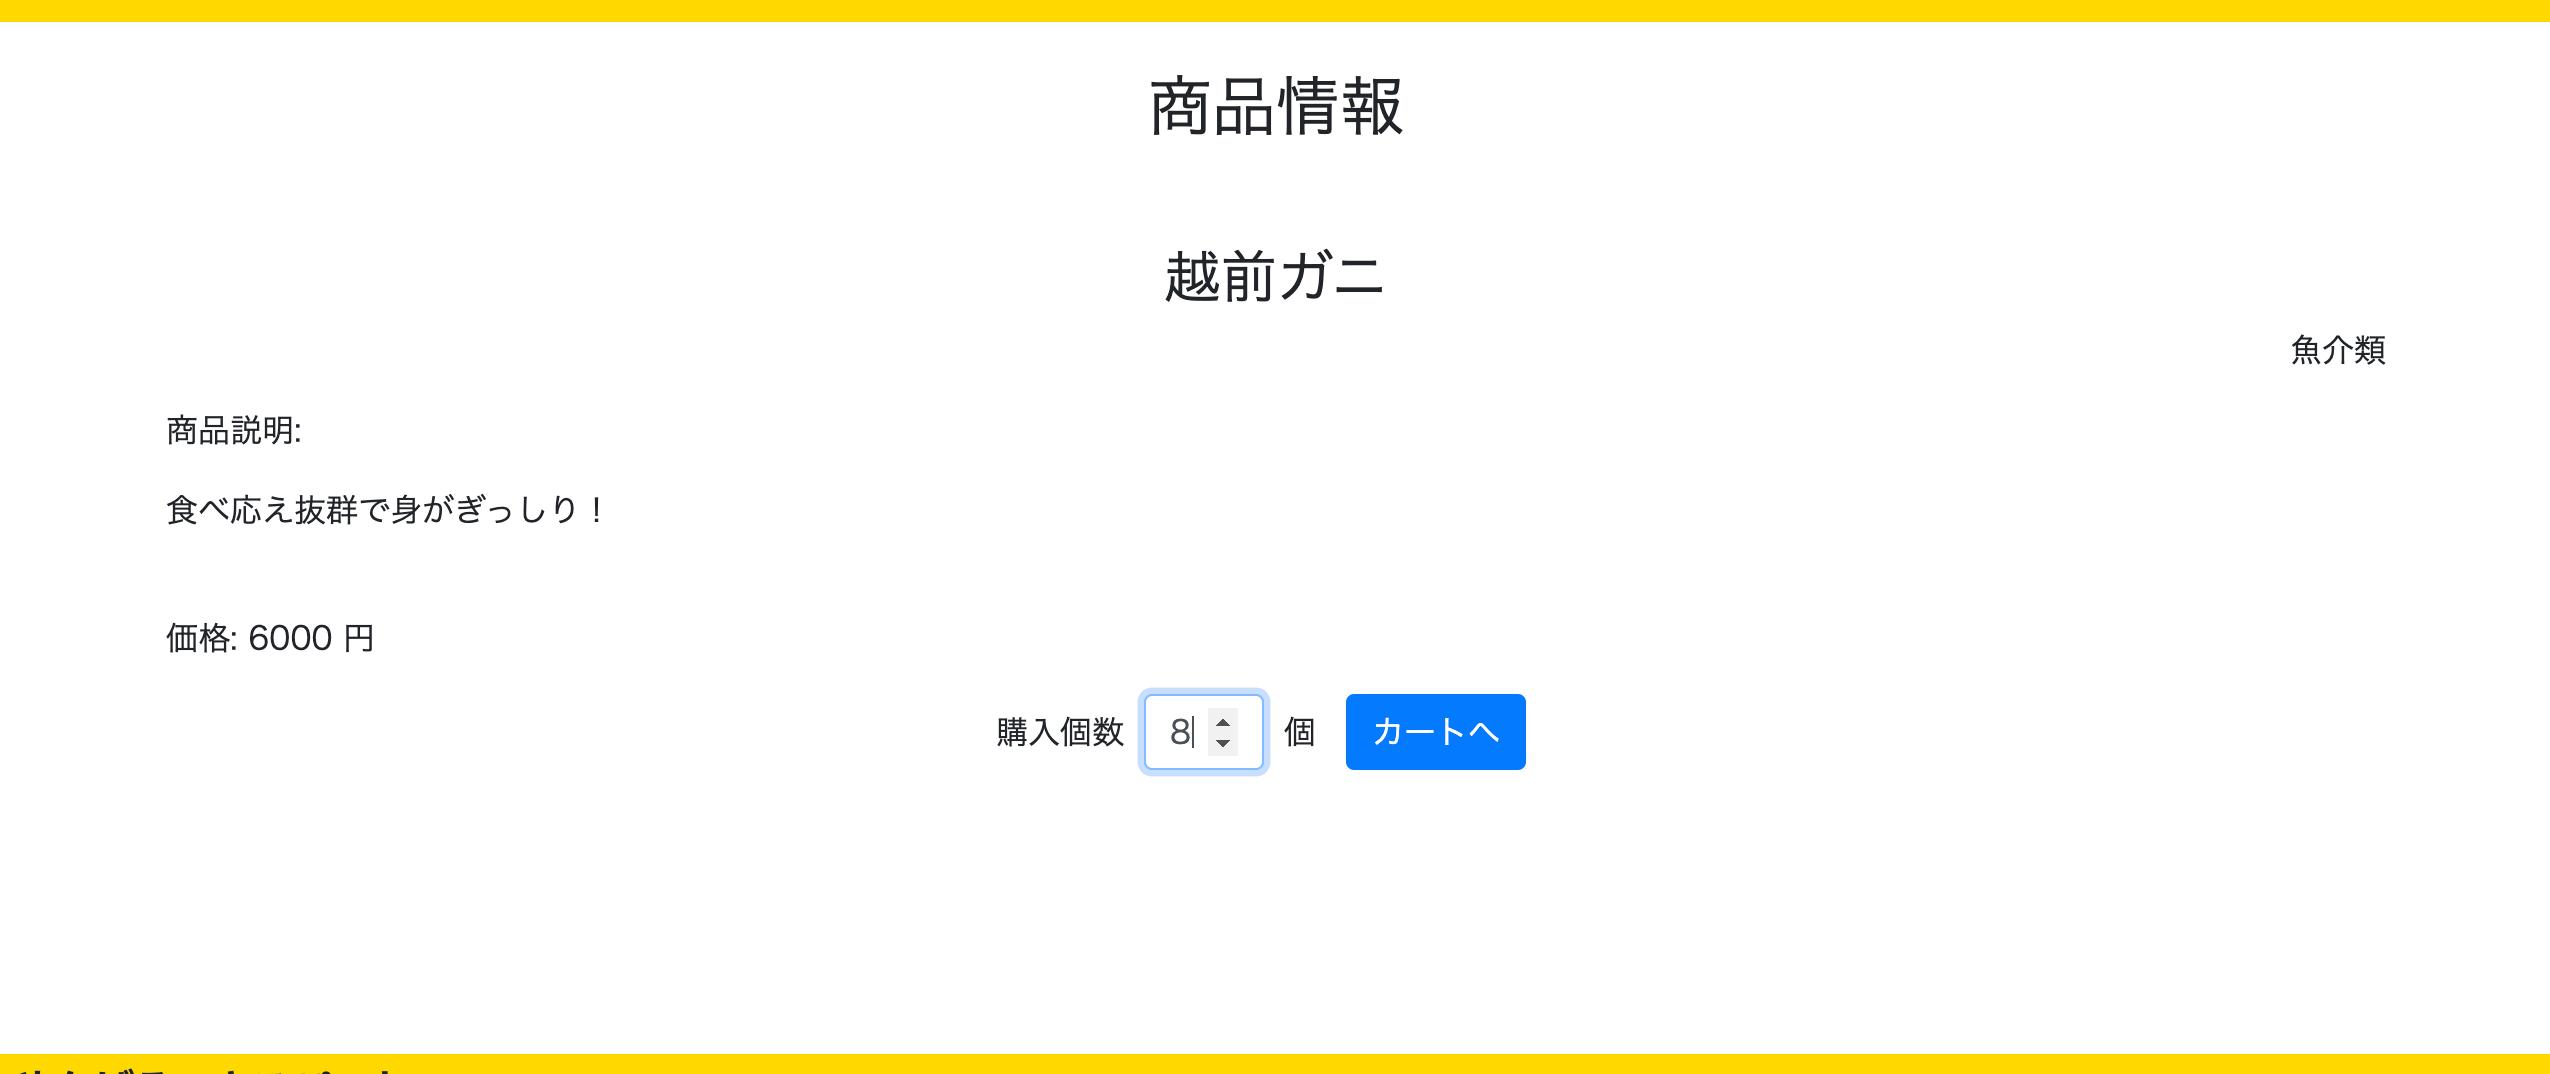 スクリーンショット 2020-12-29 23.46.43.png